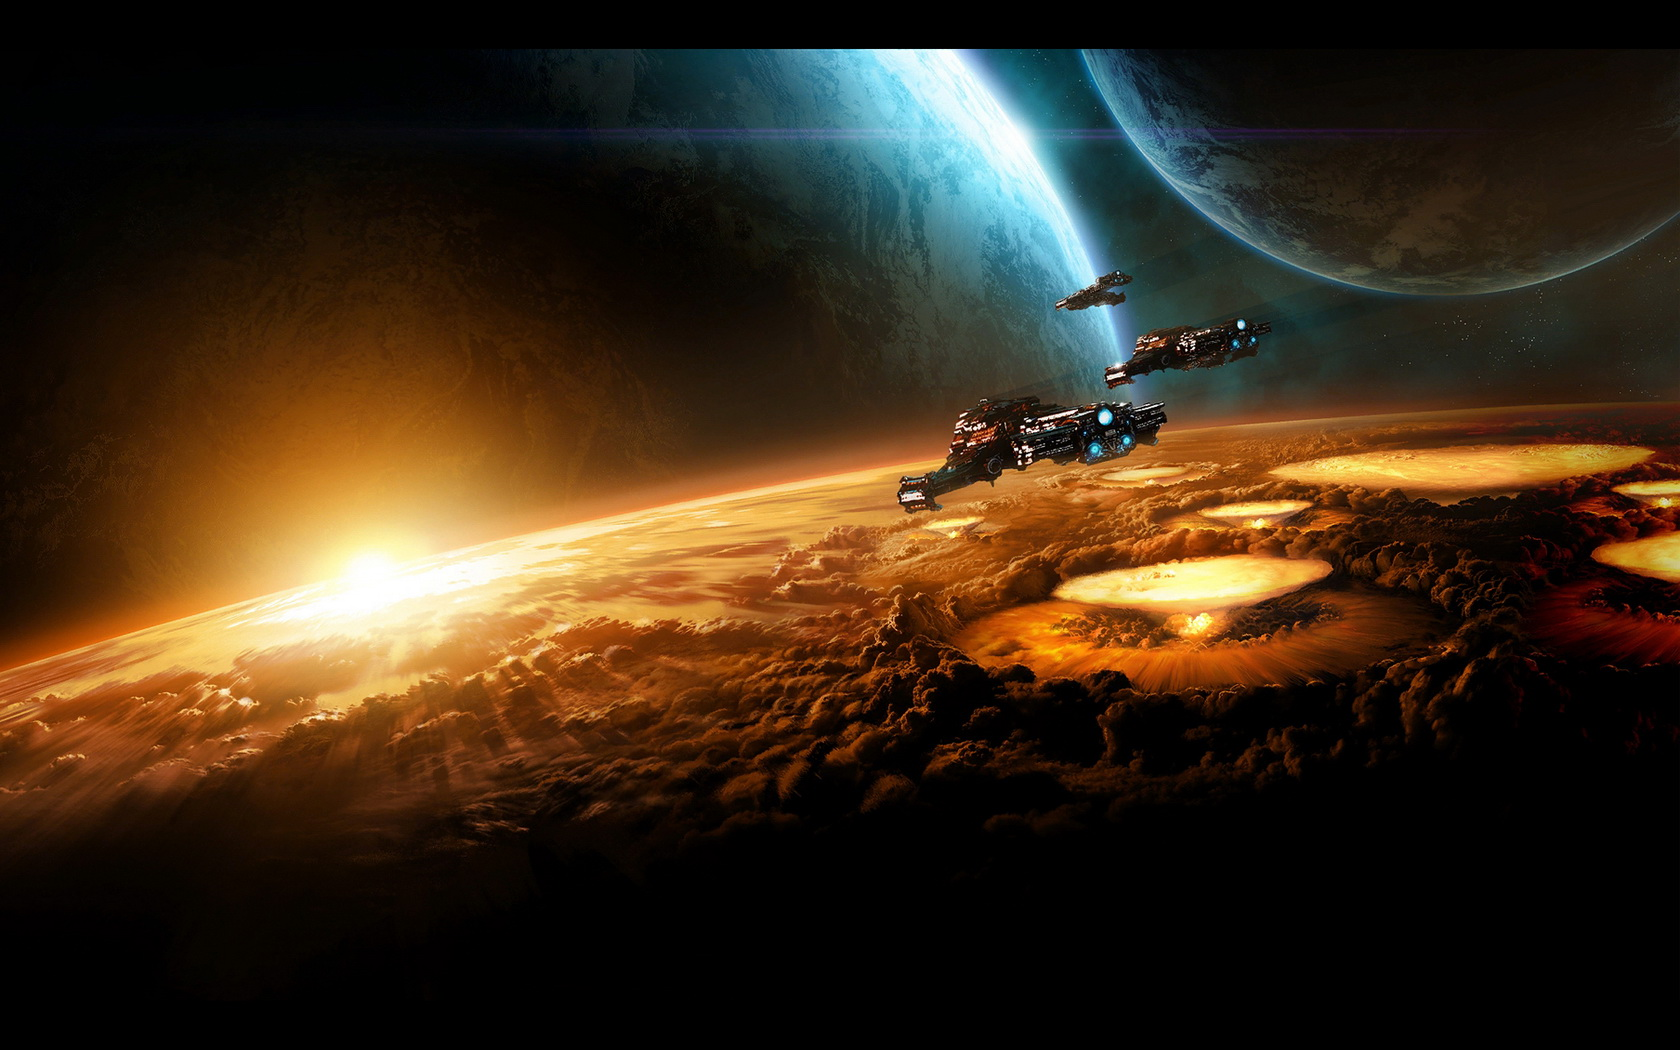 Intergalactic War Art   ID 118408   Art Abyss 1680x1050